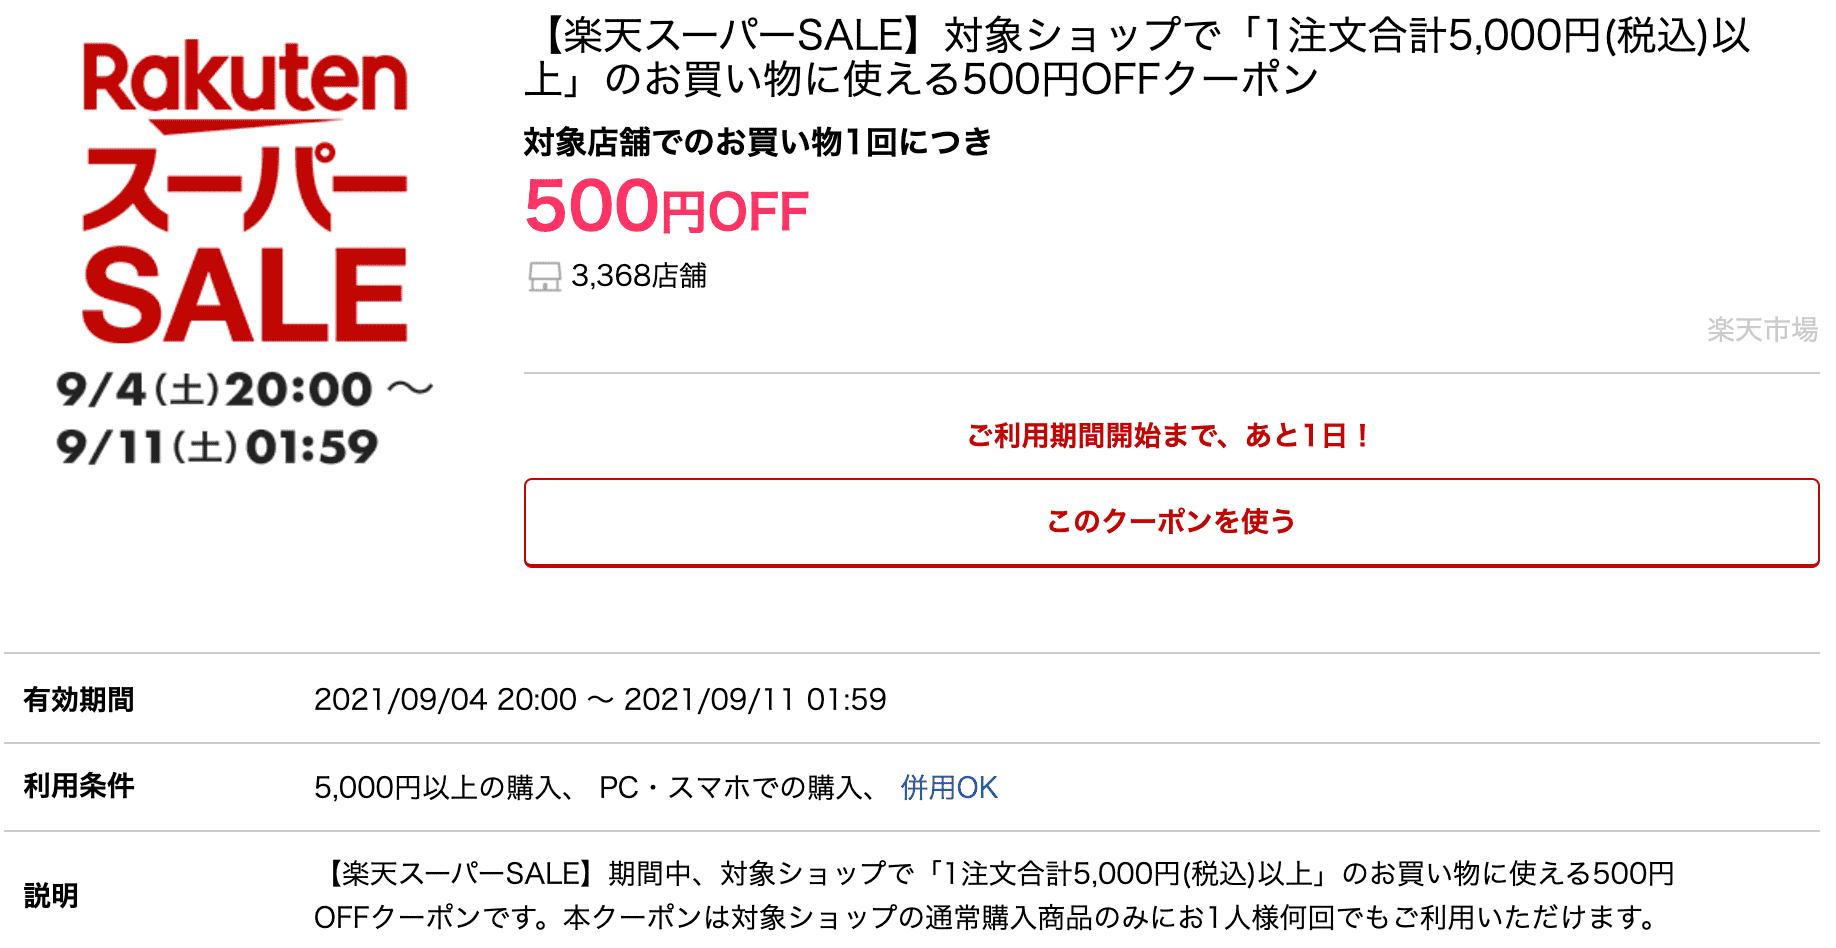 楽天スーパーセール500円OFFクーポン